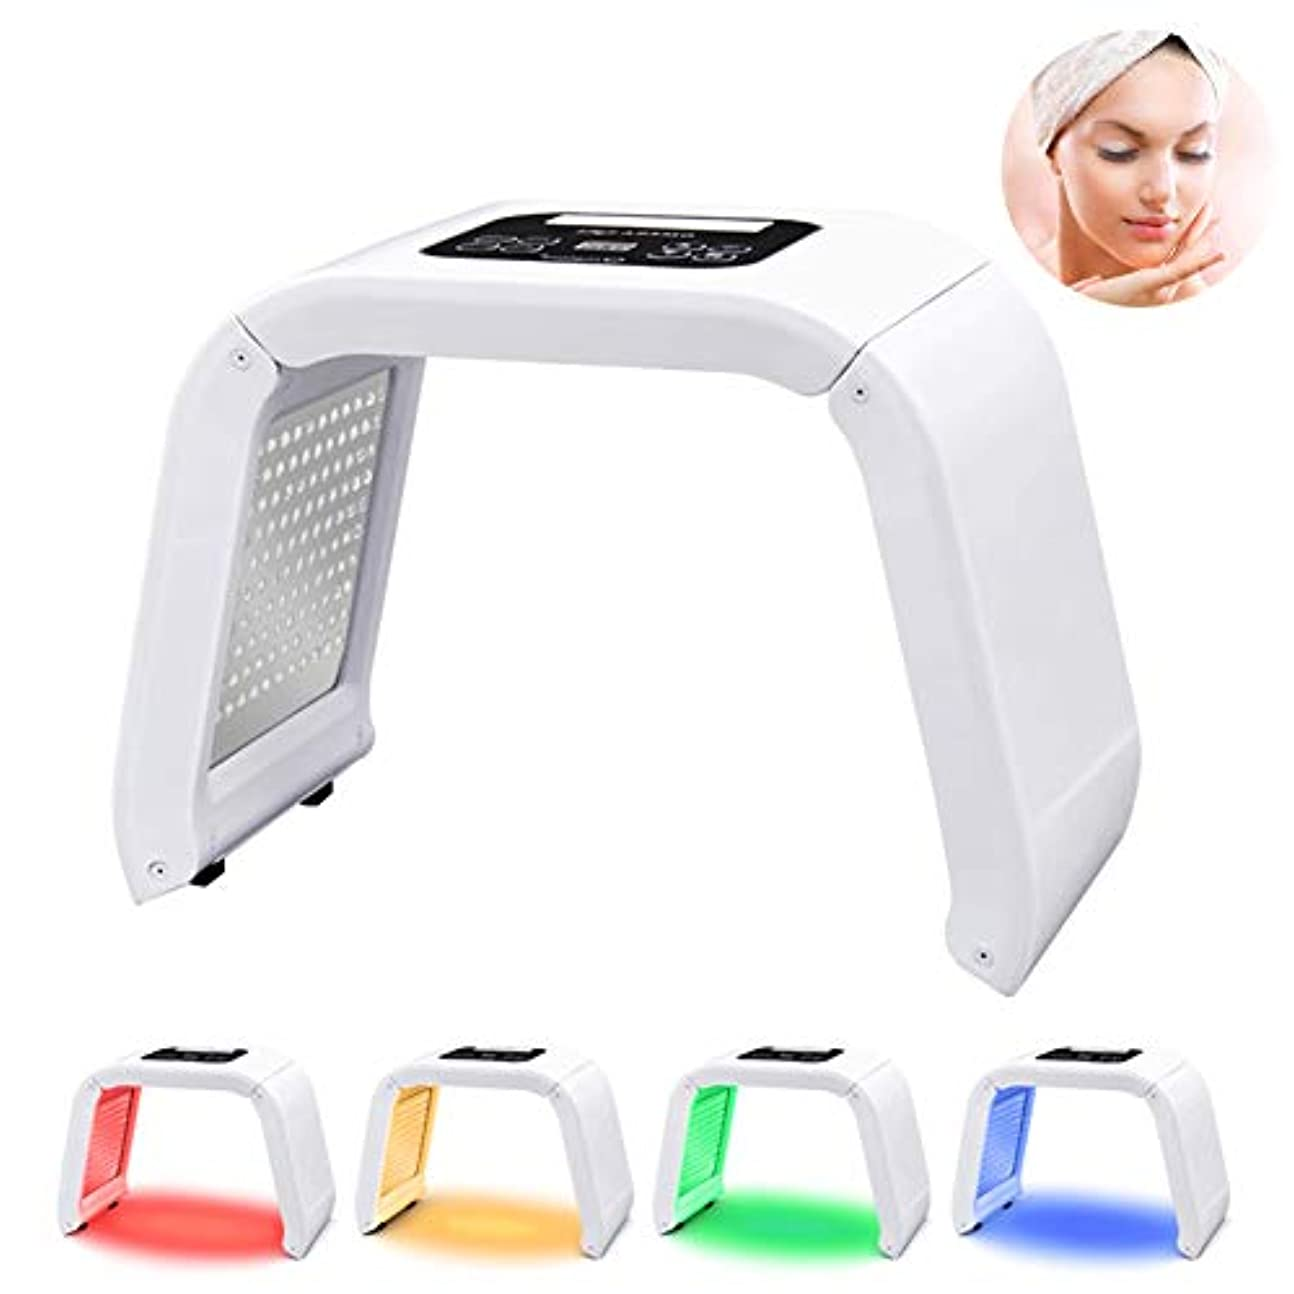 行政ボルト祖父母を訪問PDT 4-In-1 LEDライト光線療法電気スキンケア美容装置家庭用多機能体の美容スキンケア分光器のマシン女性のための完璧なギフト